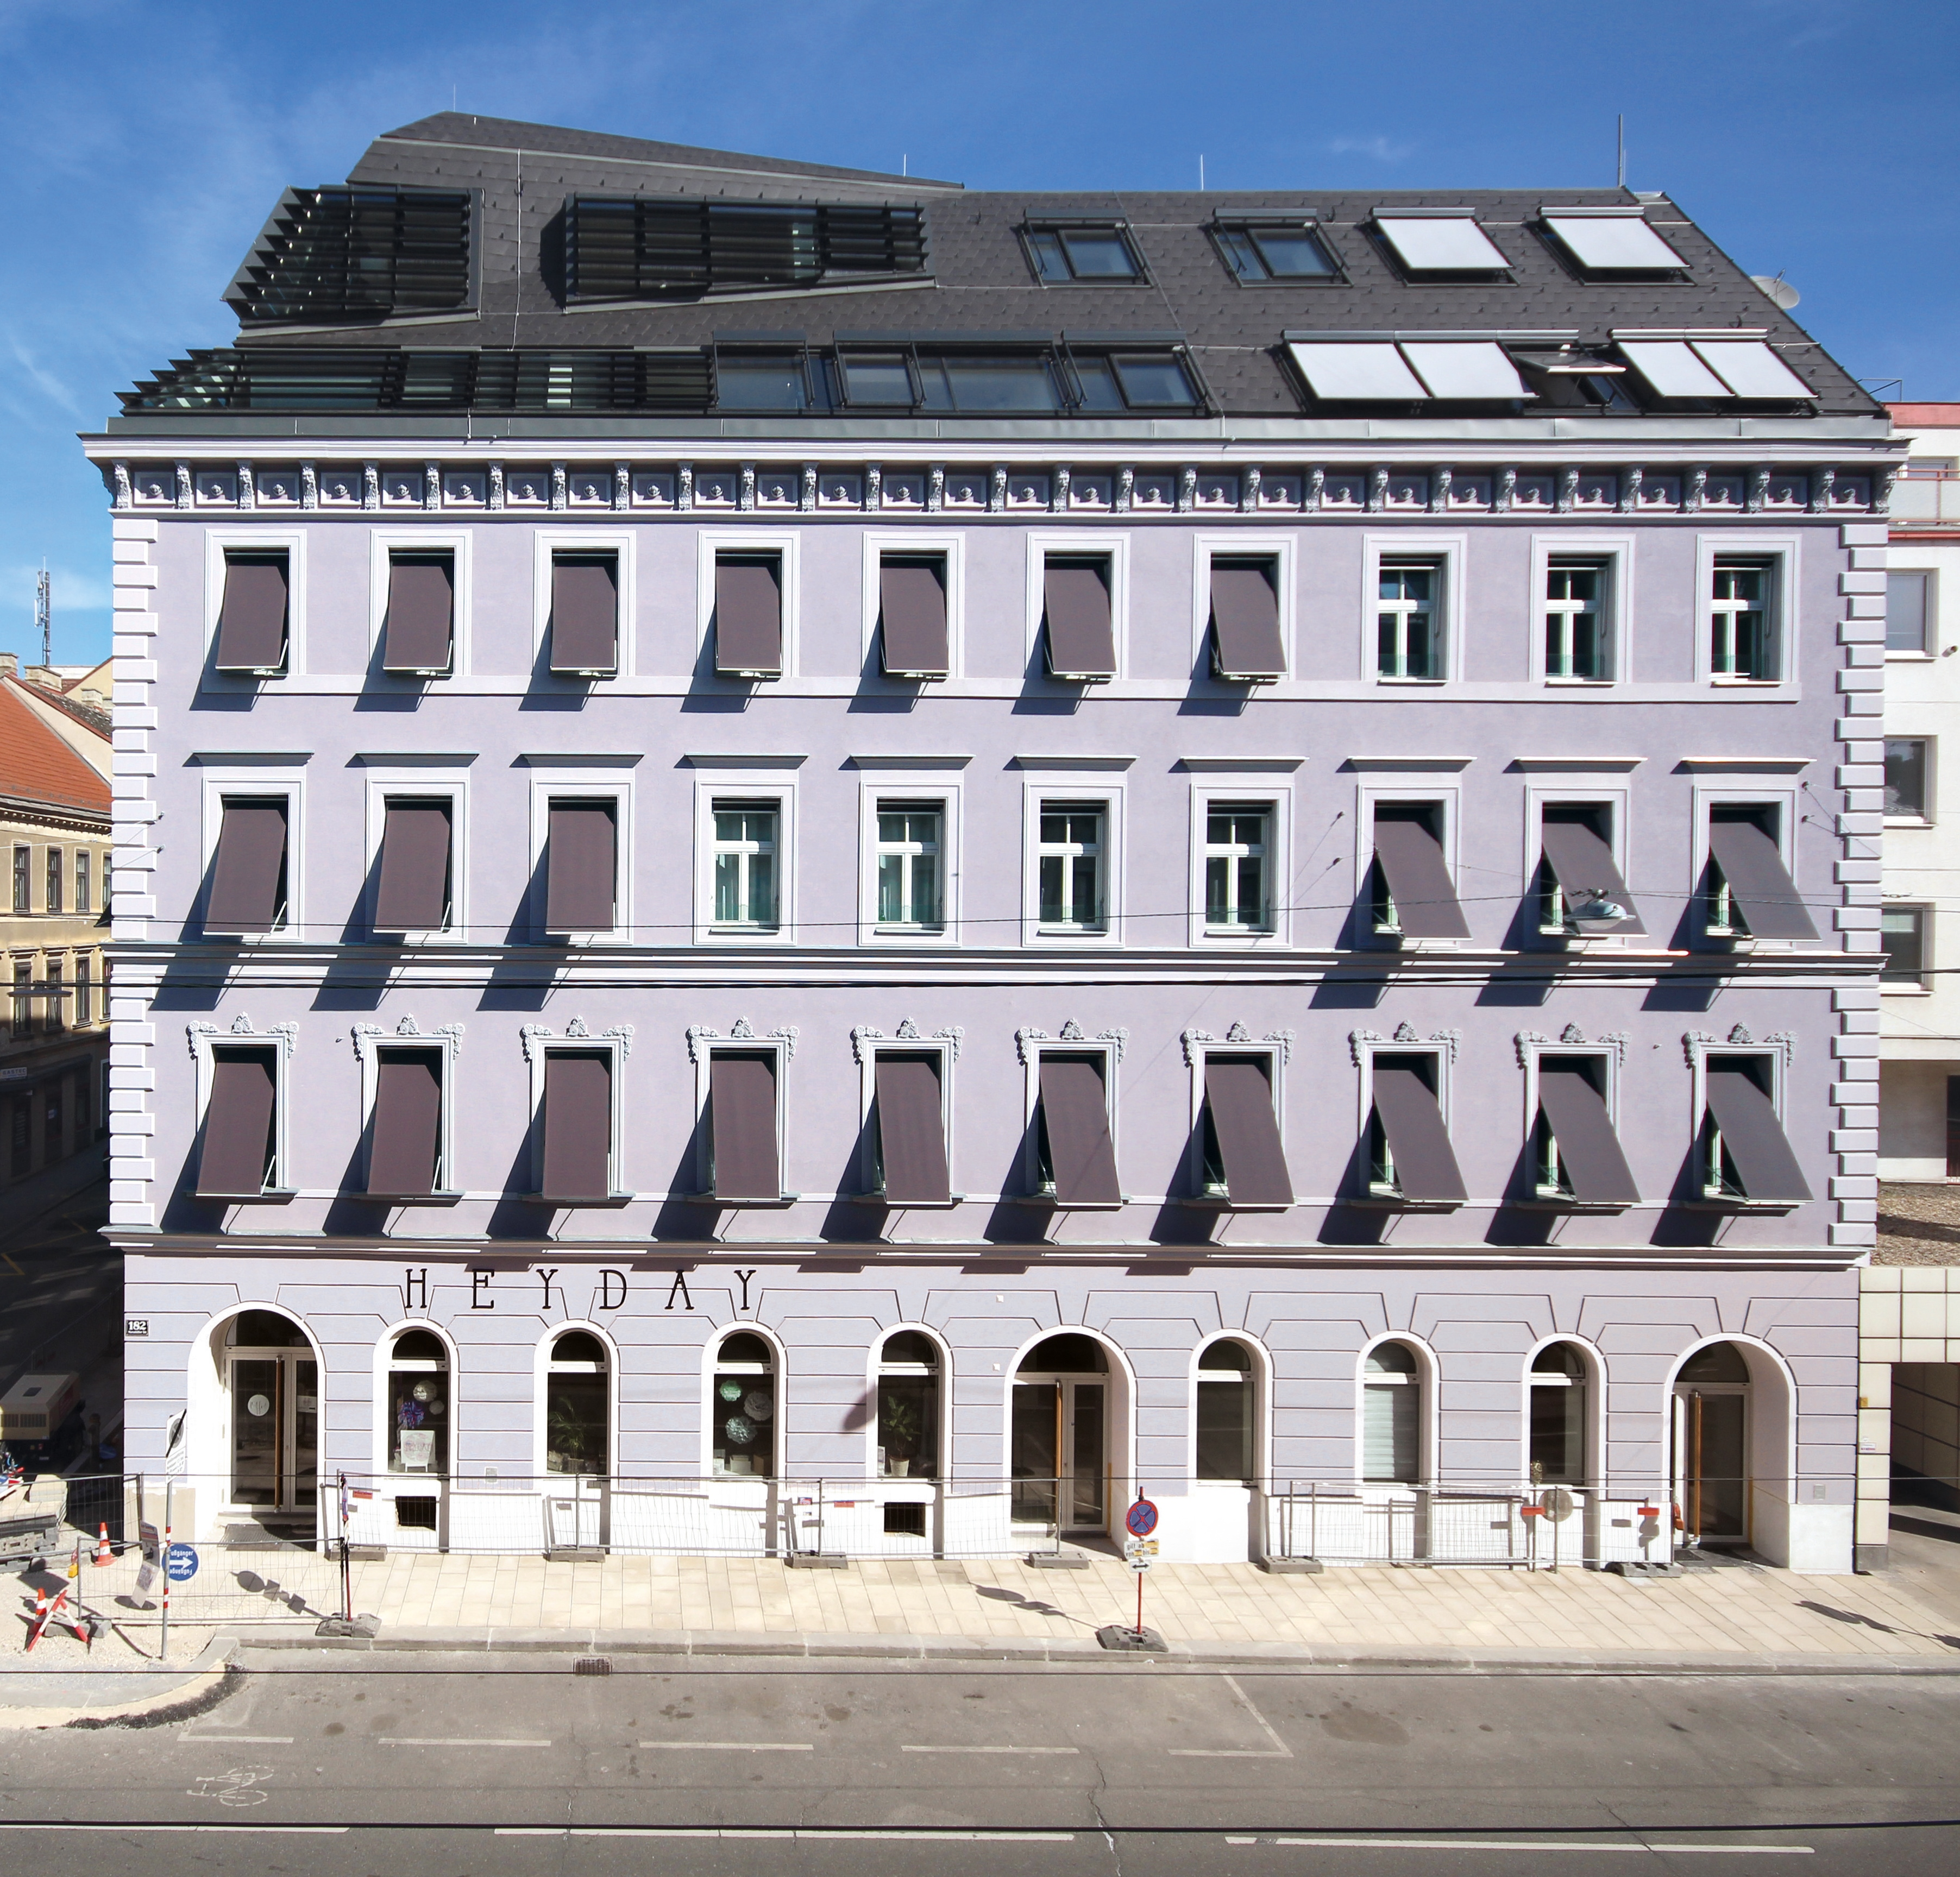 33. Wiener Stadterneuerungspreis